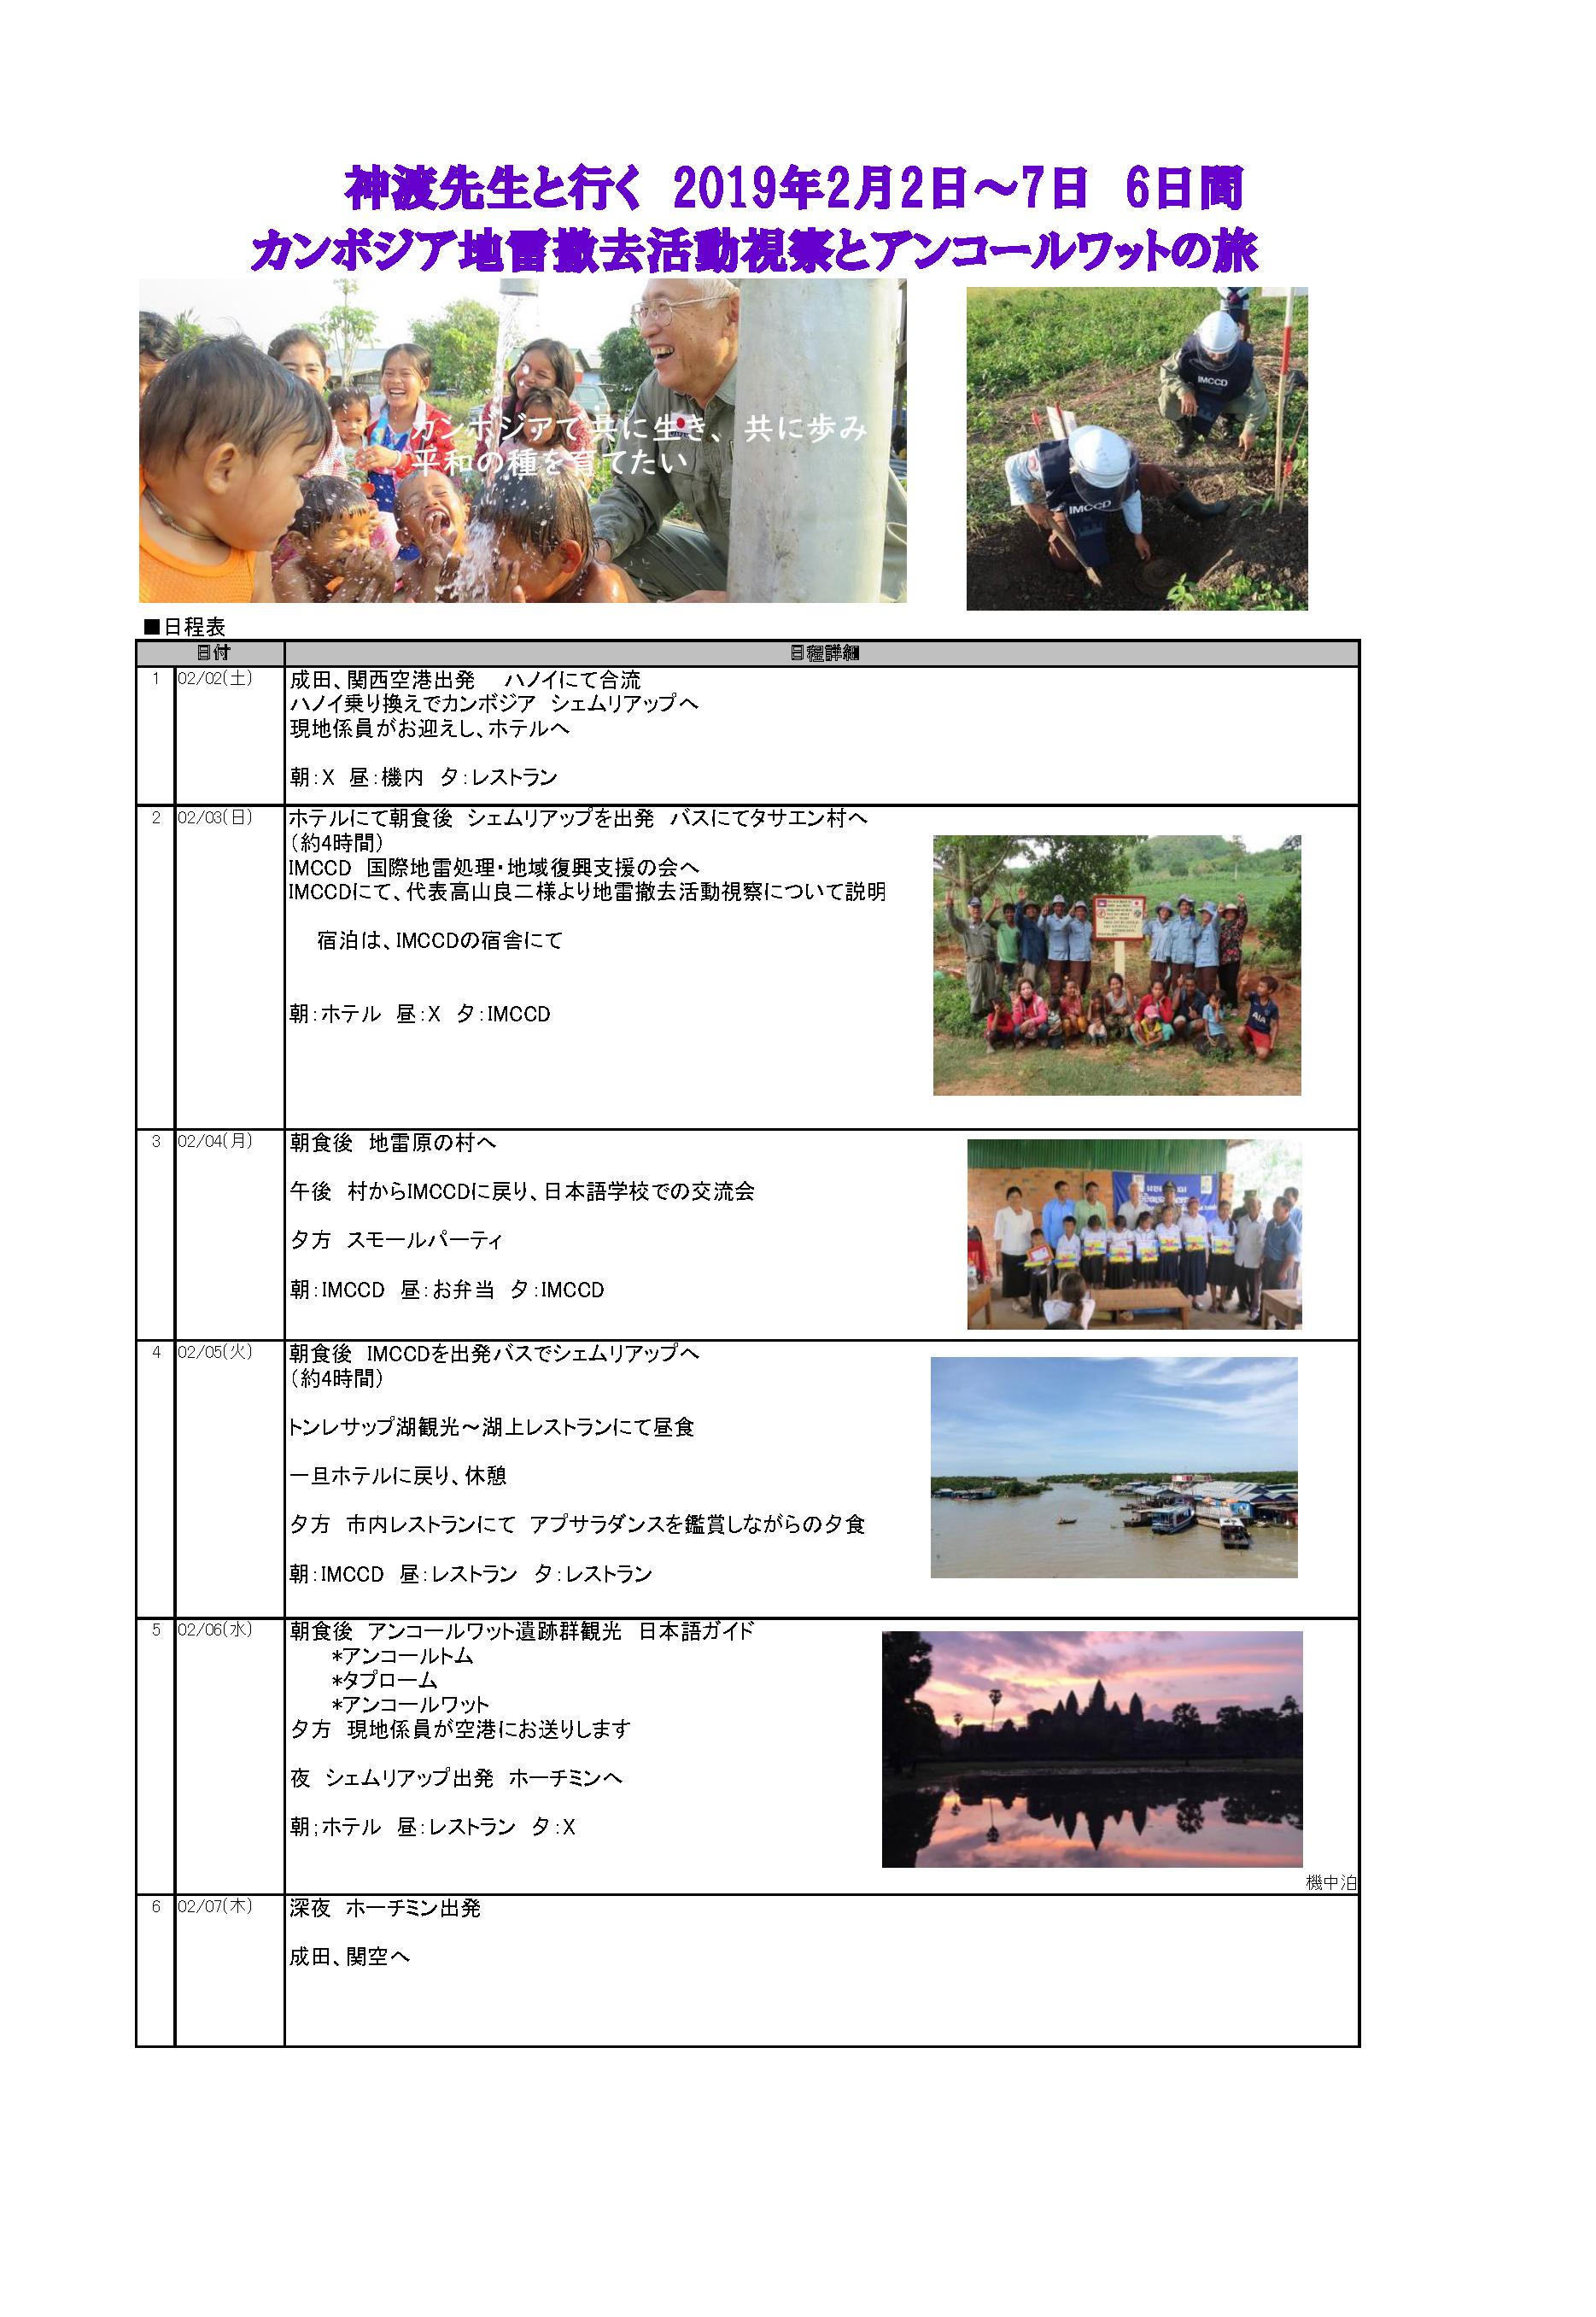 カンボジアの旅(2月2日から6日間)チラシ表